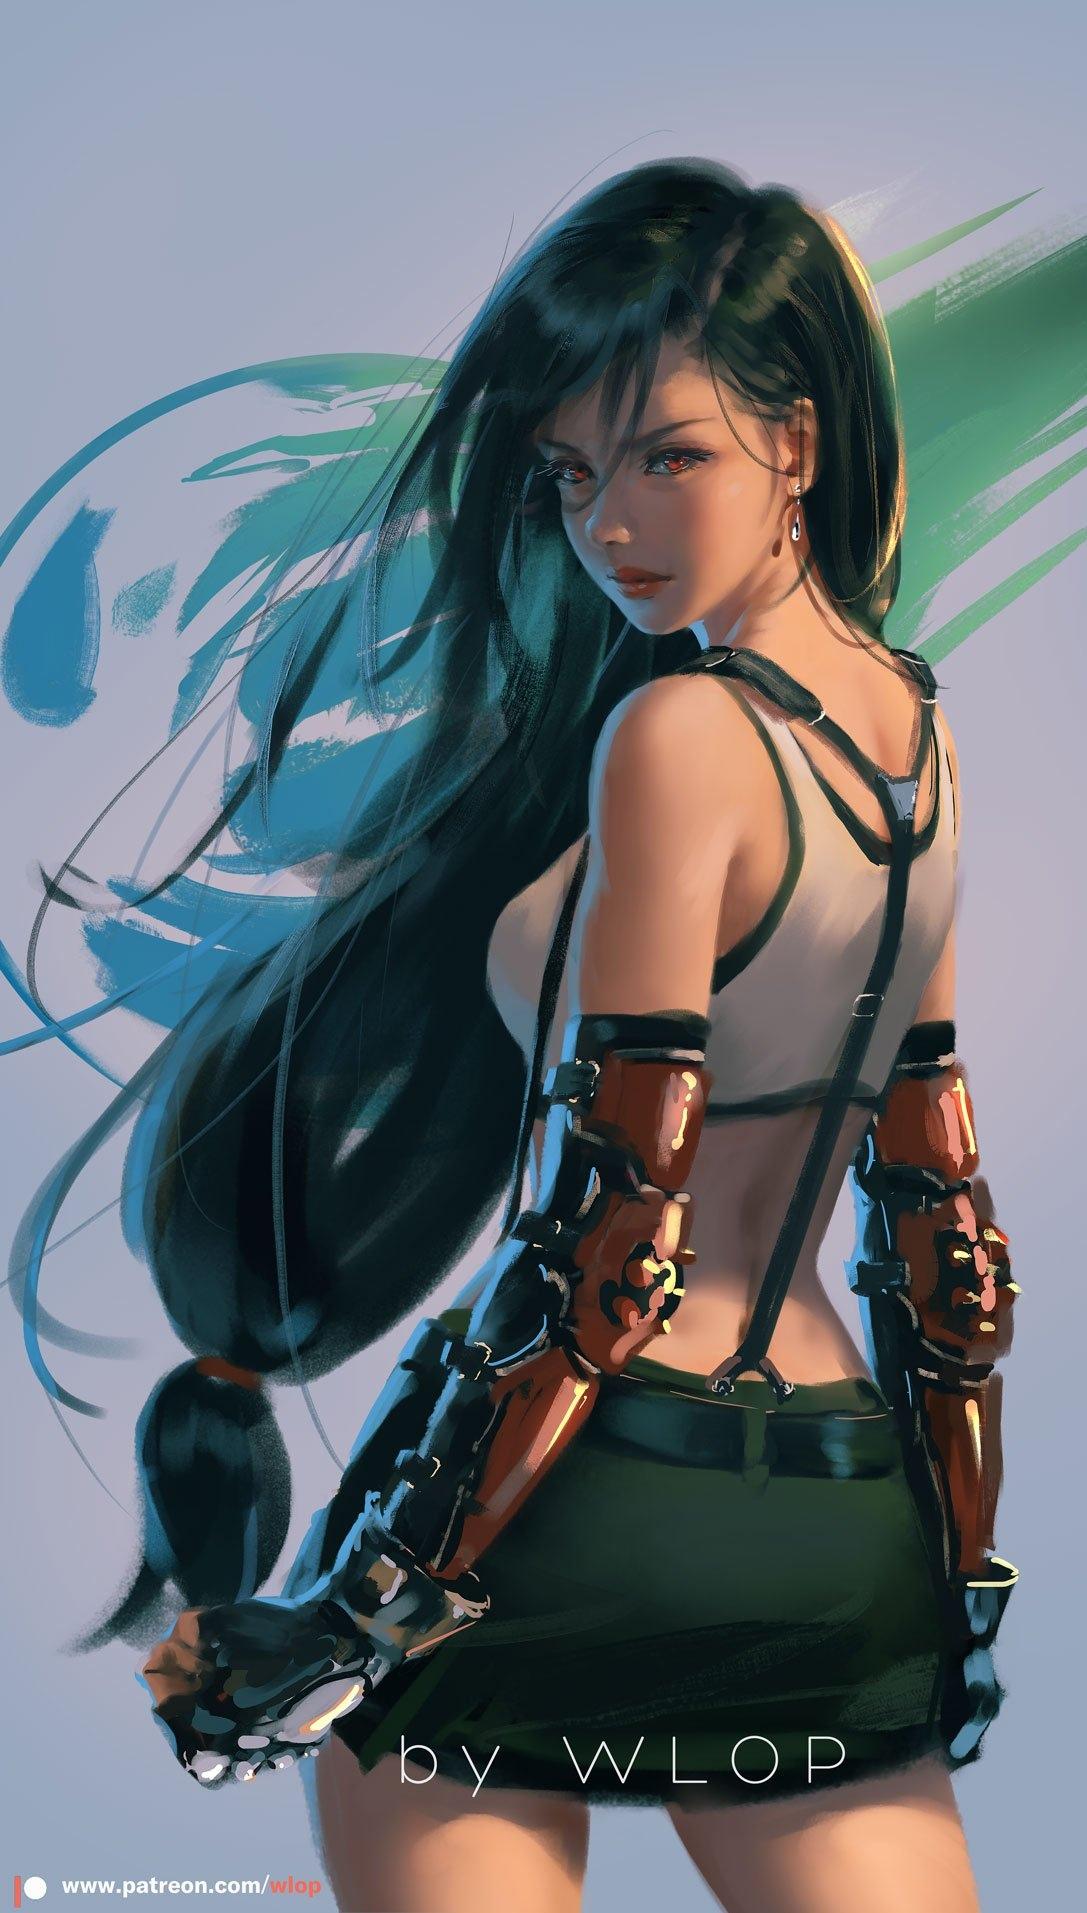 VBRJjfYiNnk.jpg - Final Fantasy 7